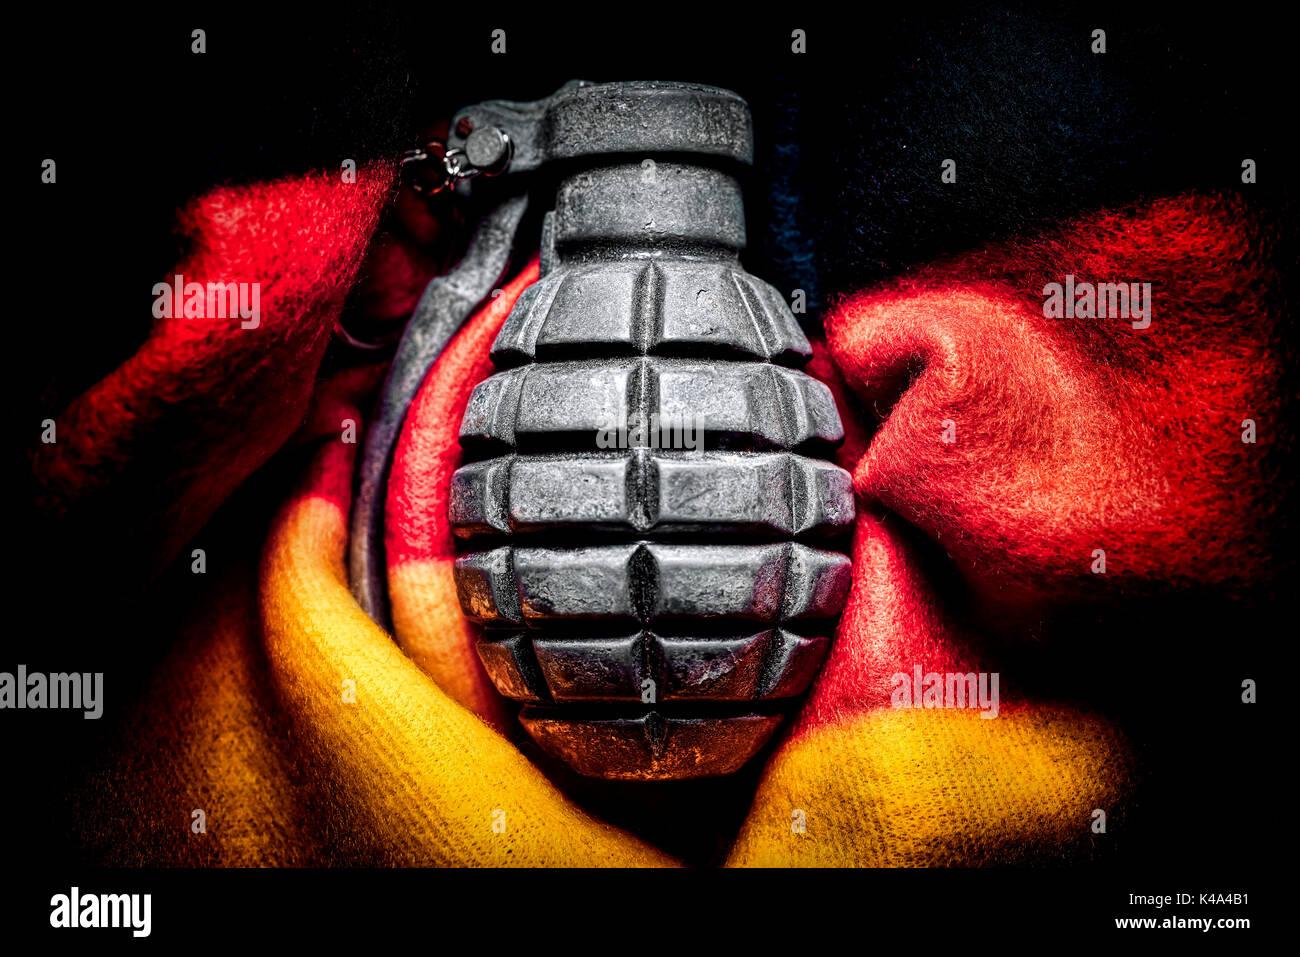 Granada de mano delante del pabellón de Alemania, el extremismo amenaza Imagen De Stock